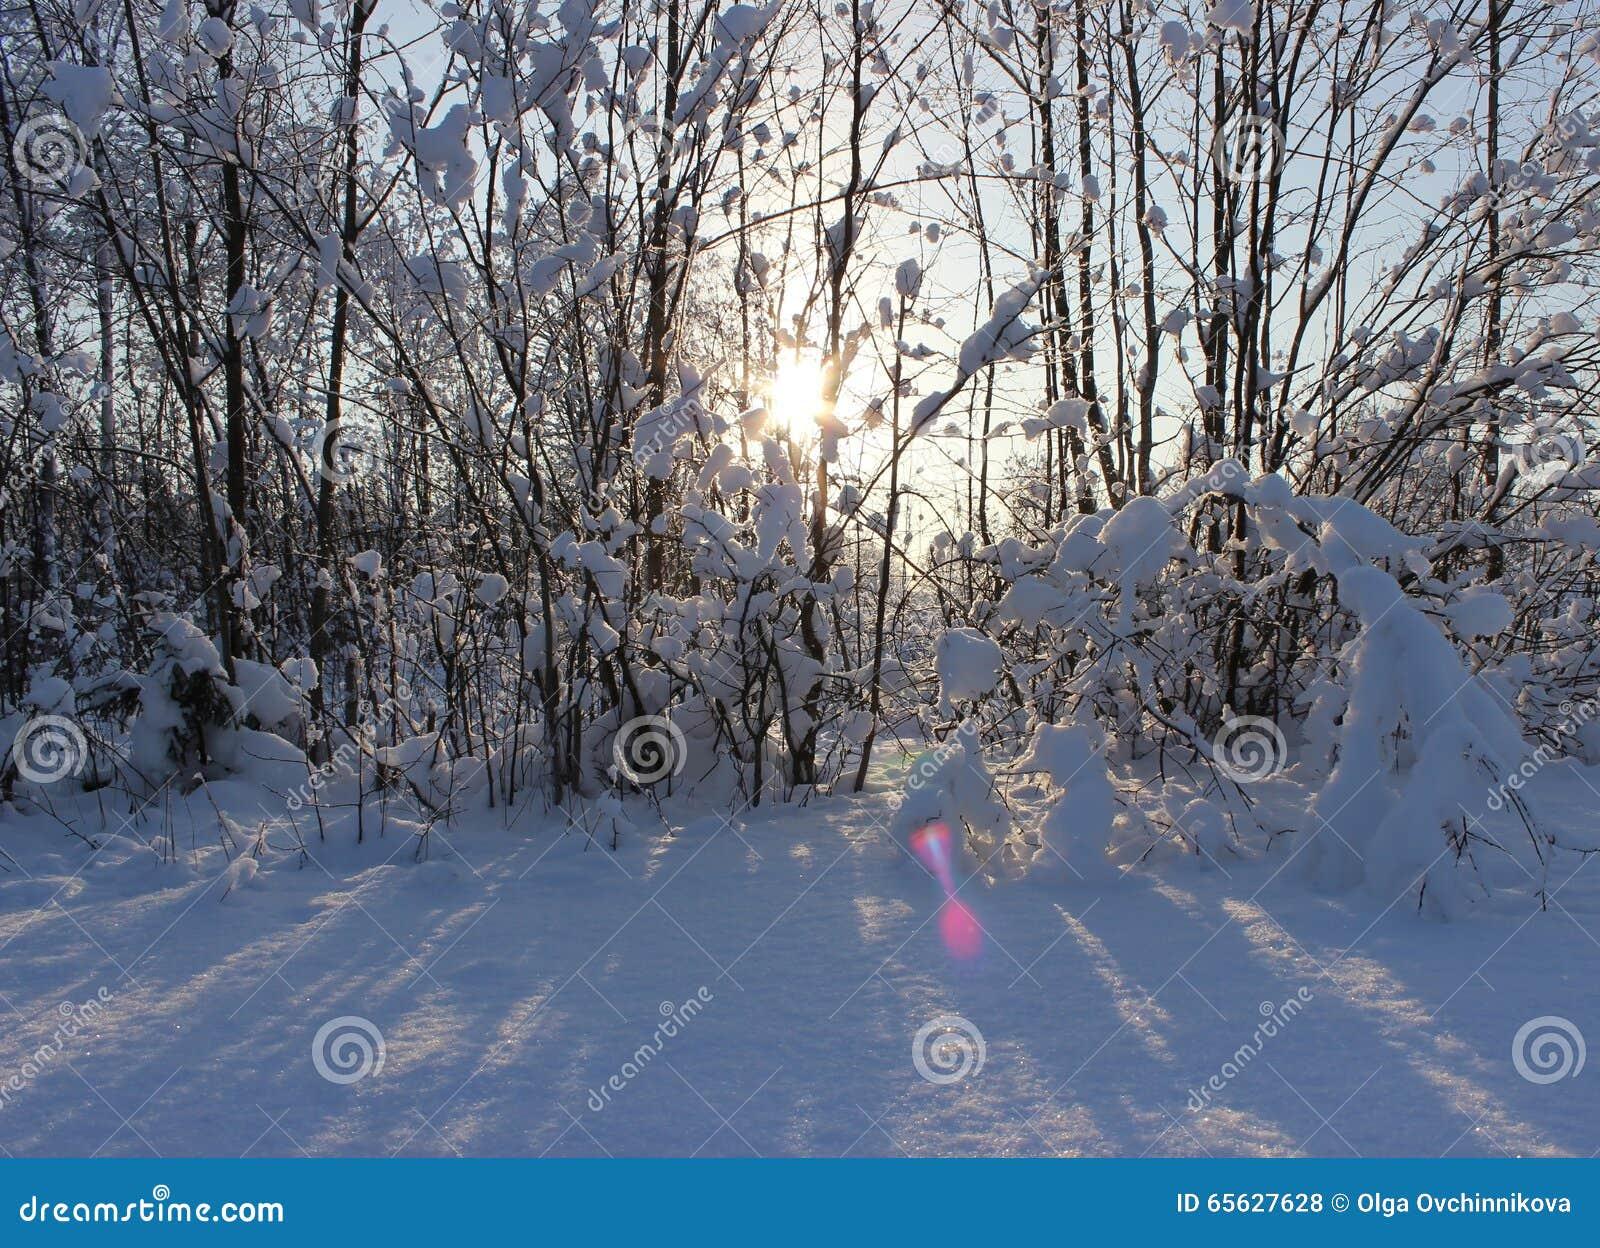 Forêt d hiver après chutes de neige sur Noël dans les morts du winte